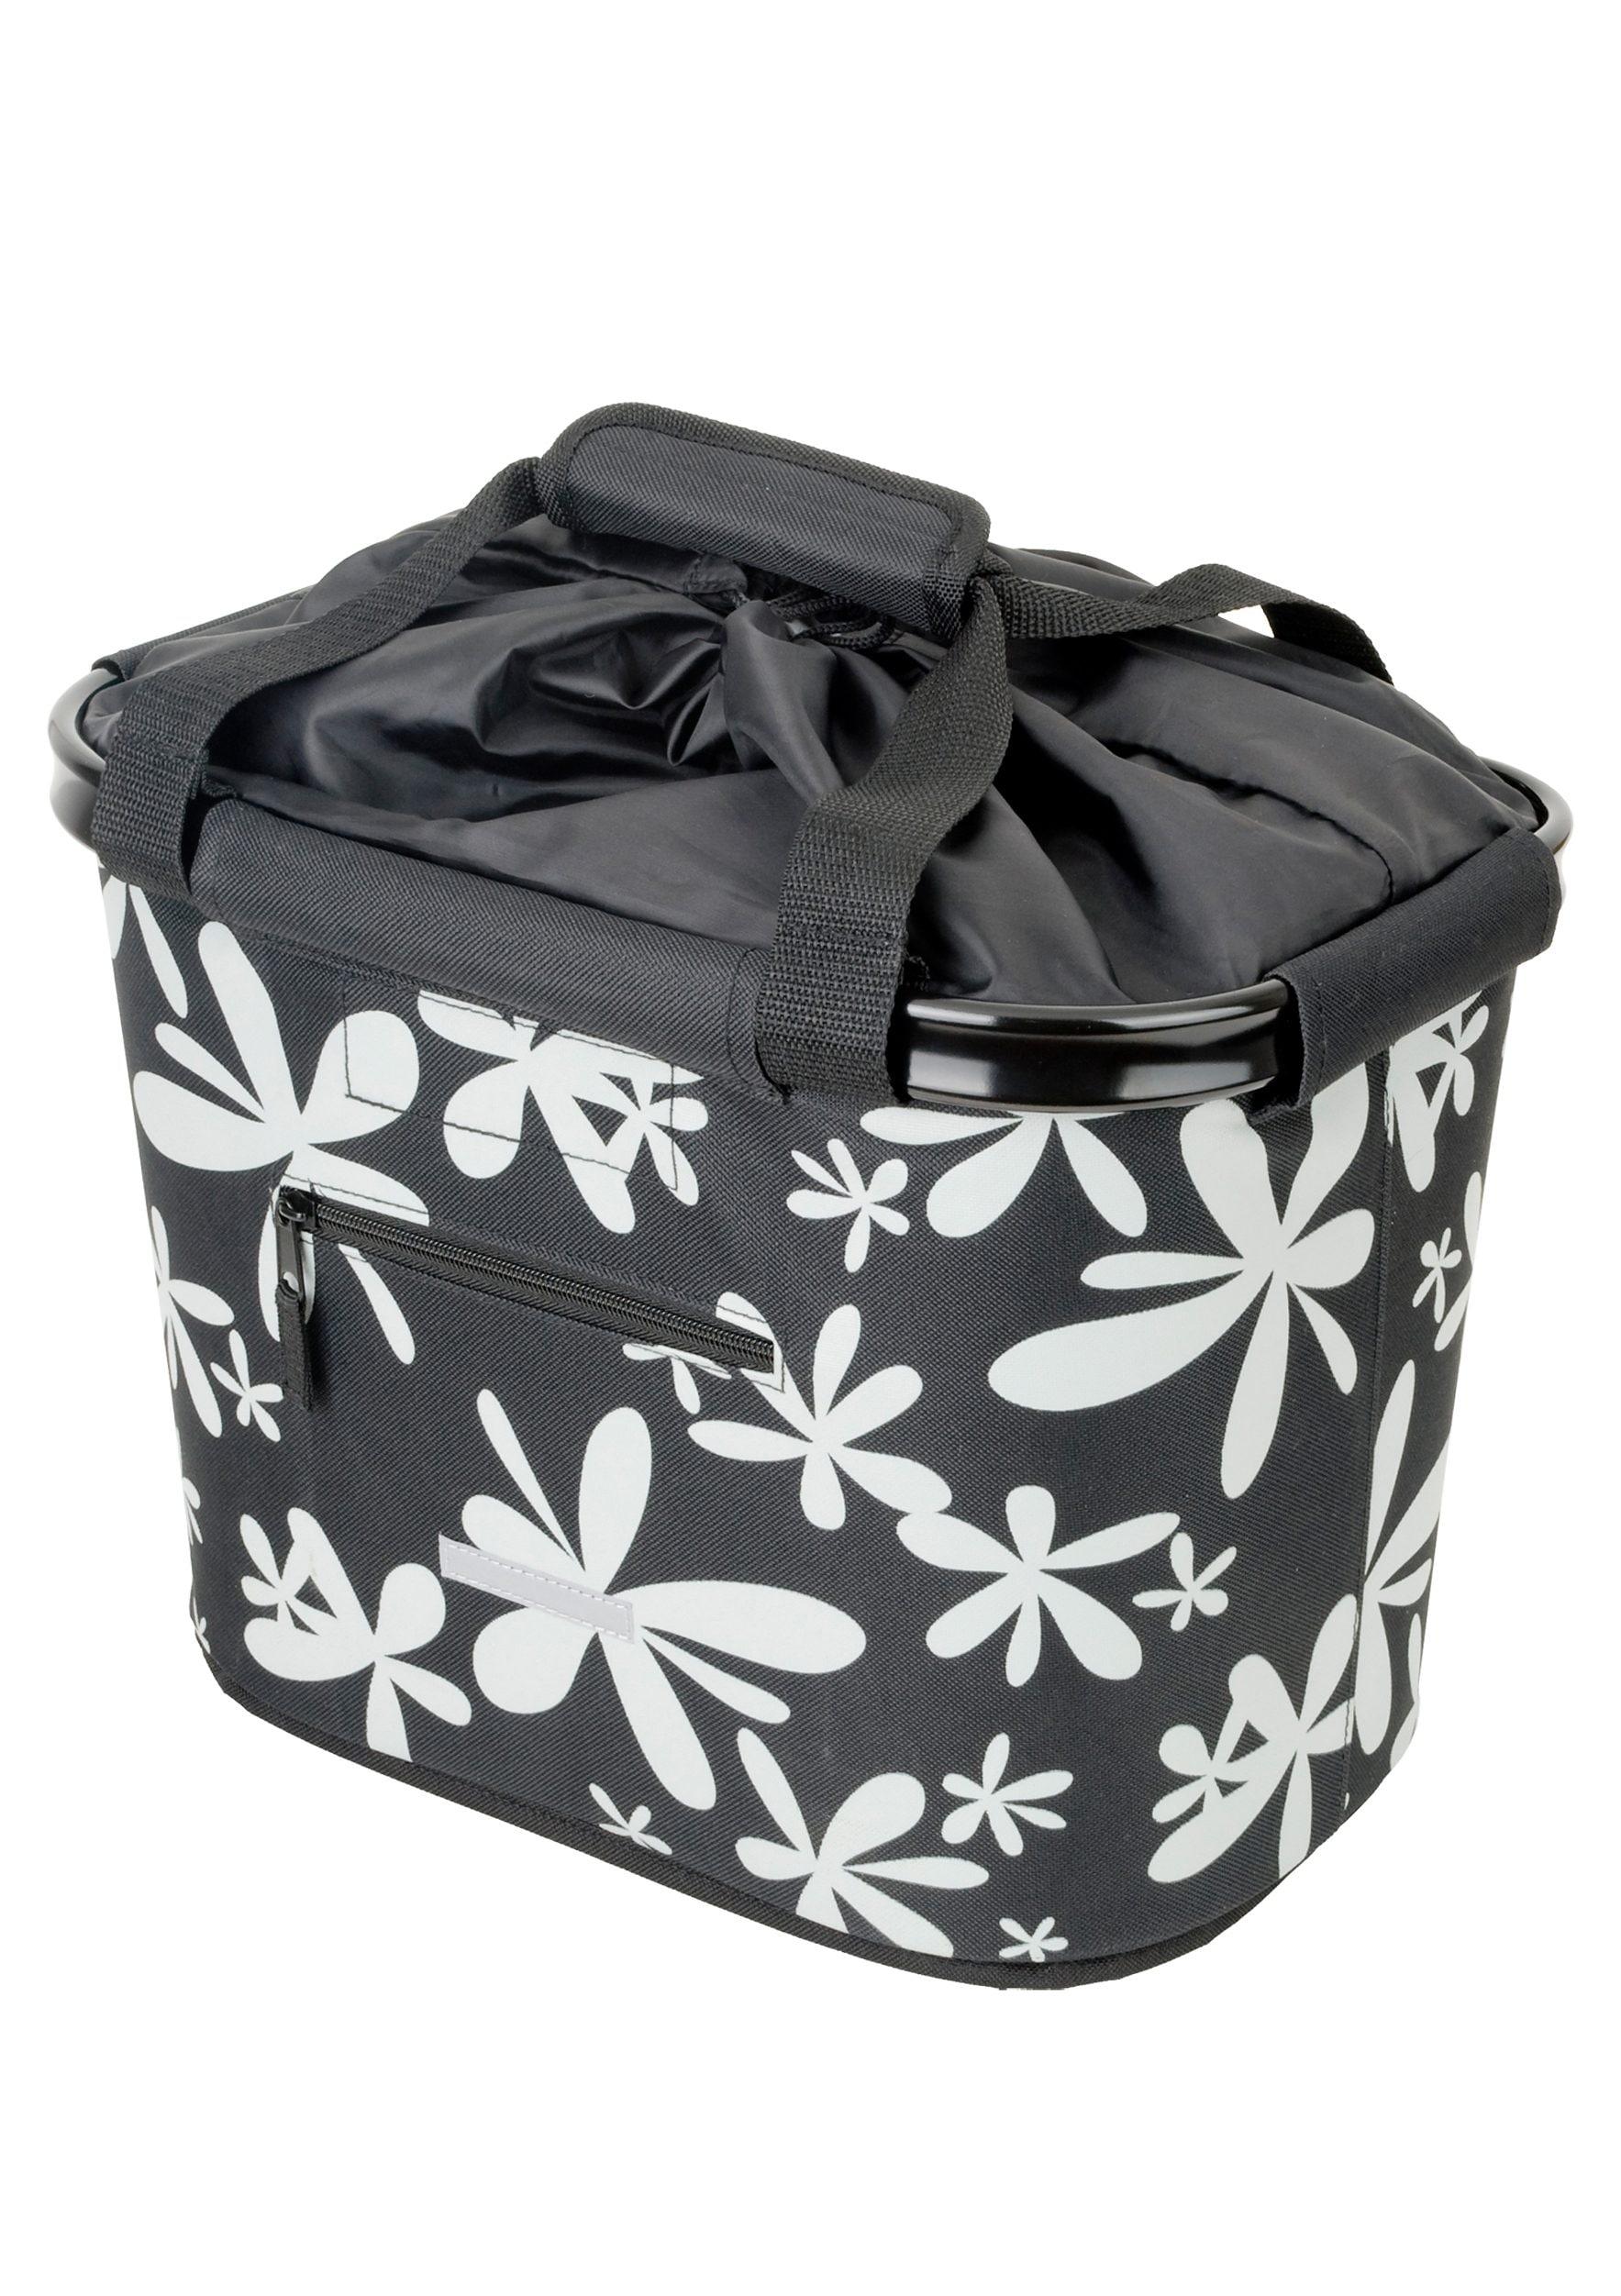 Blue Bird Fahrradtasche Shopping Bag Blume schwarz Fahrradtaschen Fahrradzubehör Fahrräder Zubehör Taschen